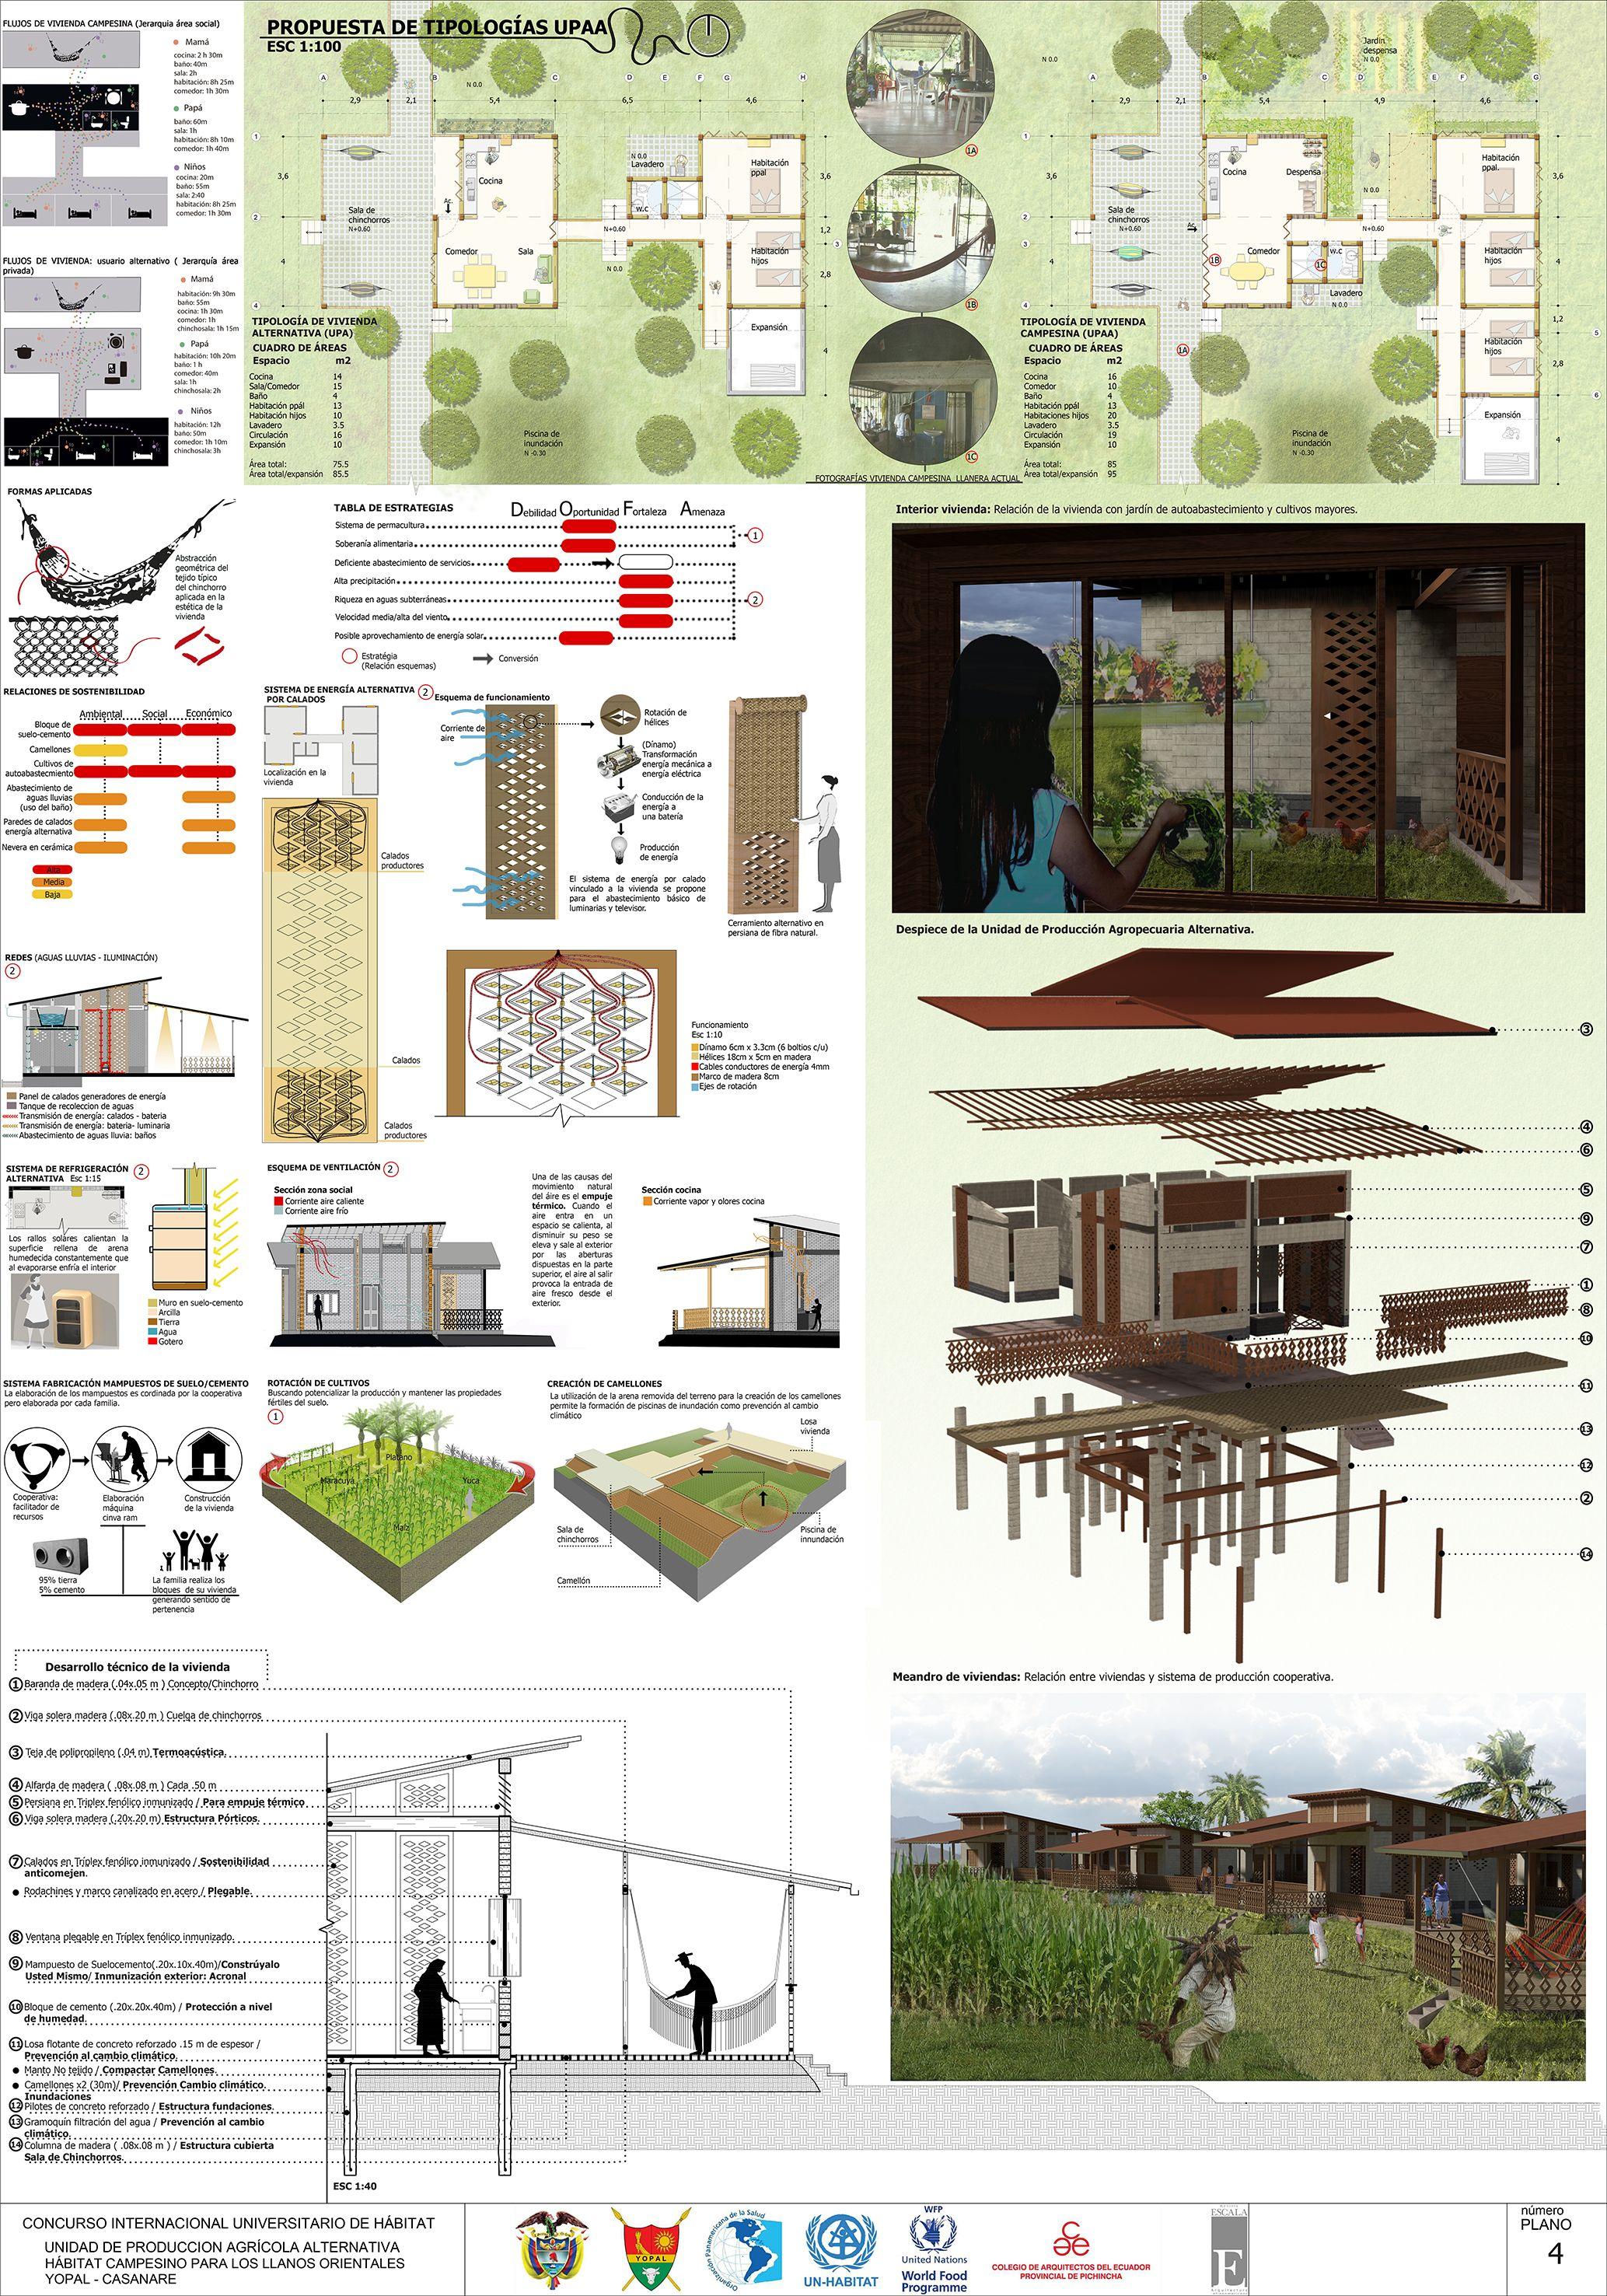 Participacion concurso convive vii 4 ra pinterest for Programas arquitectura